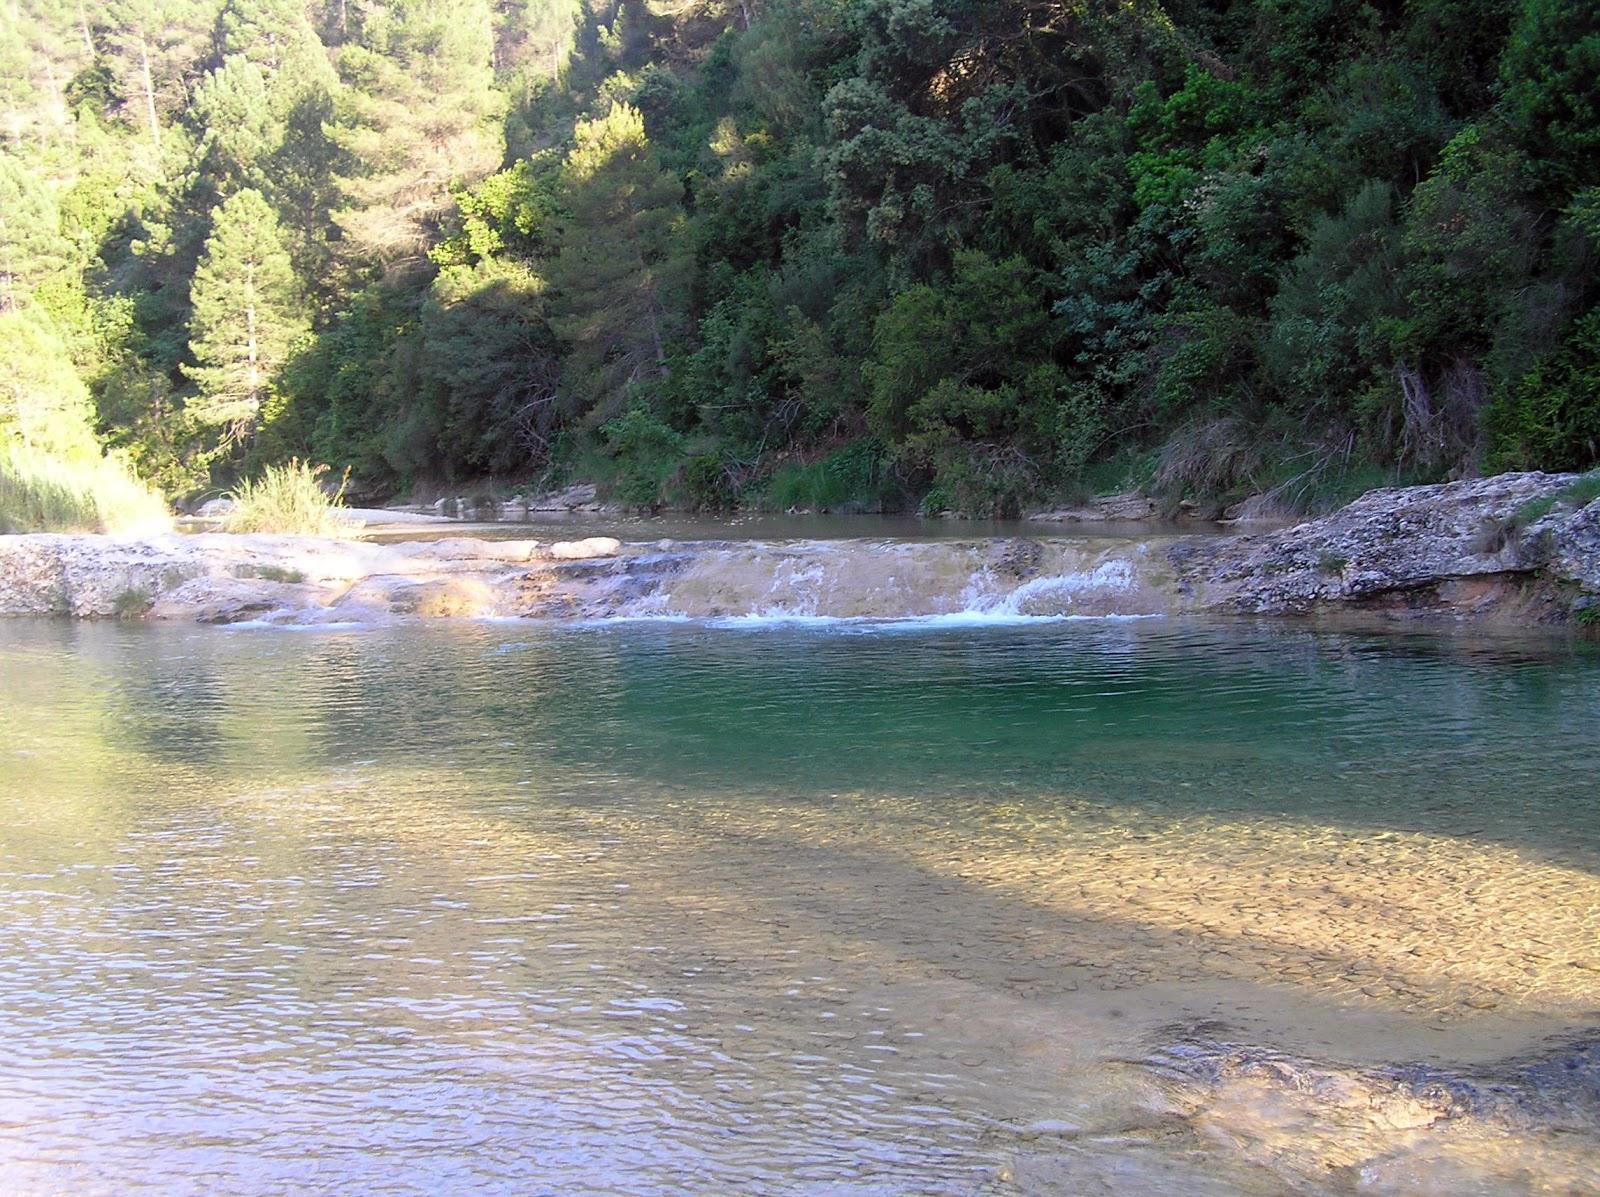 Pozas baño en el Río Ulldemó